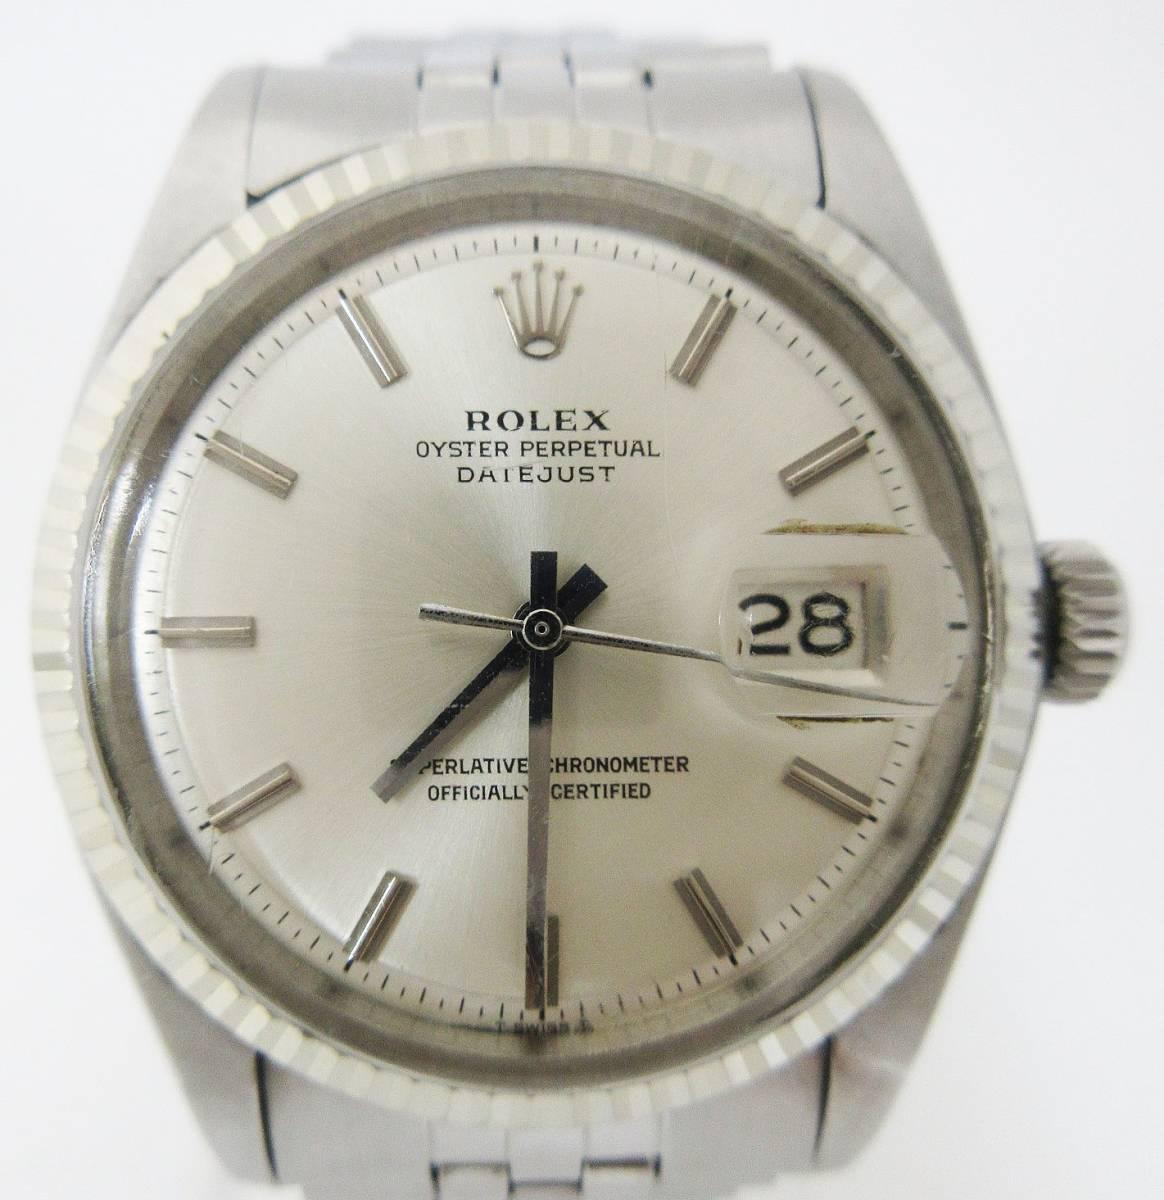 ロレックス 1601 デイトジャスト ROLEX DATEJUST 時計 アンティーク